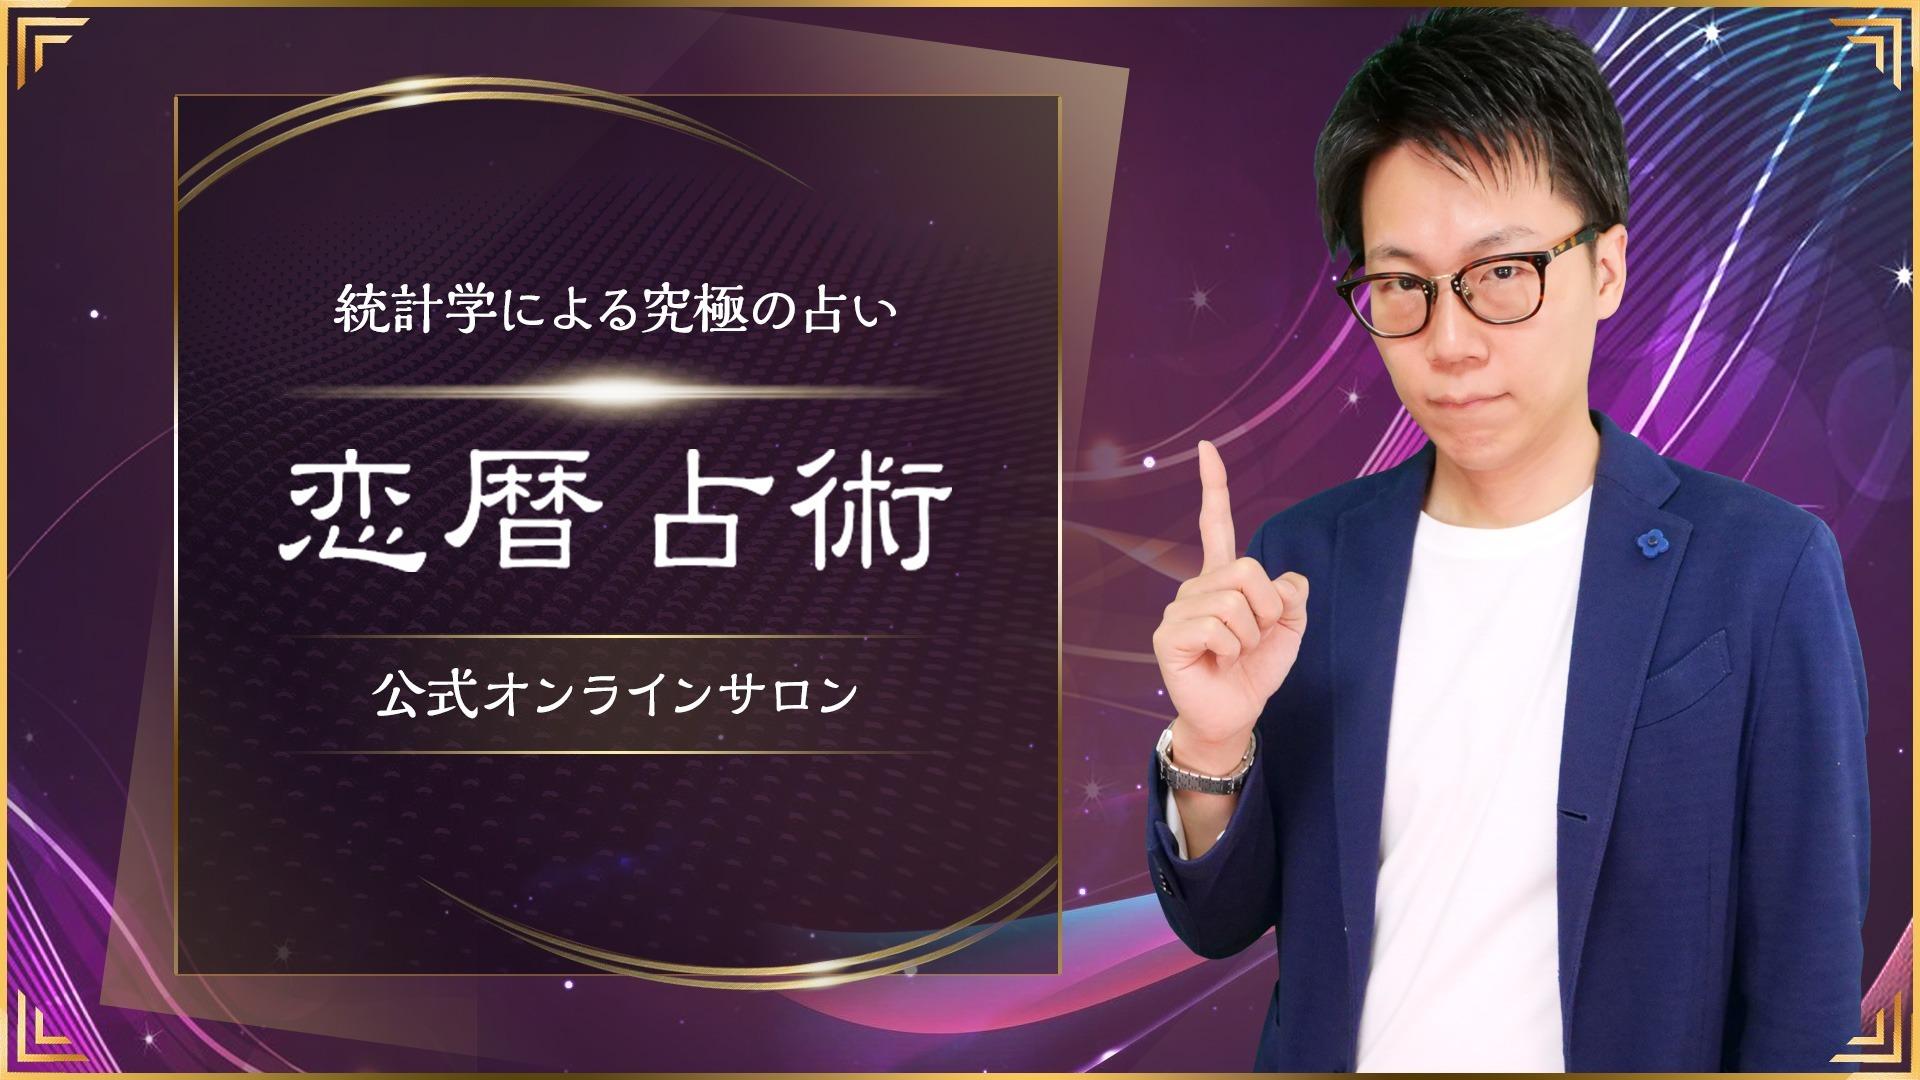 恋暦占術 公式オンラインサロン